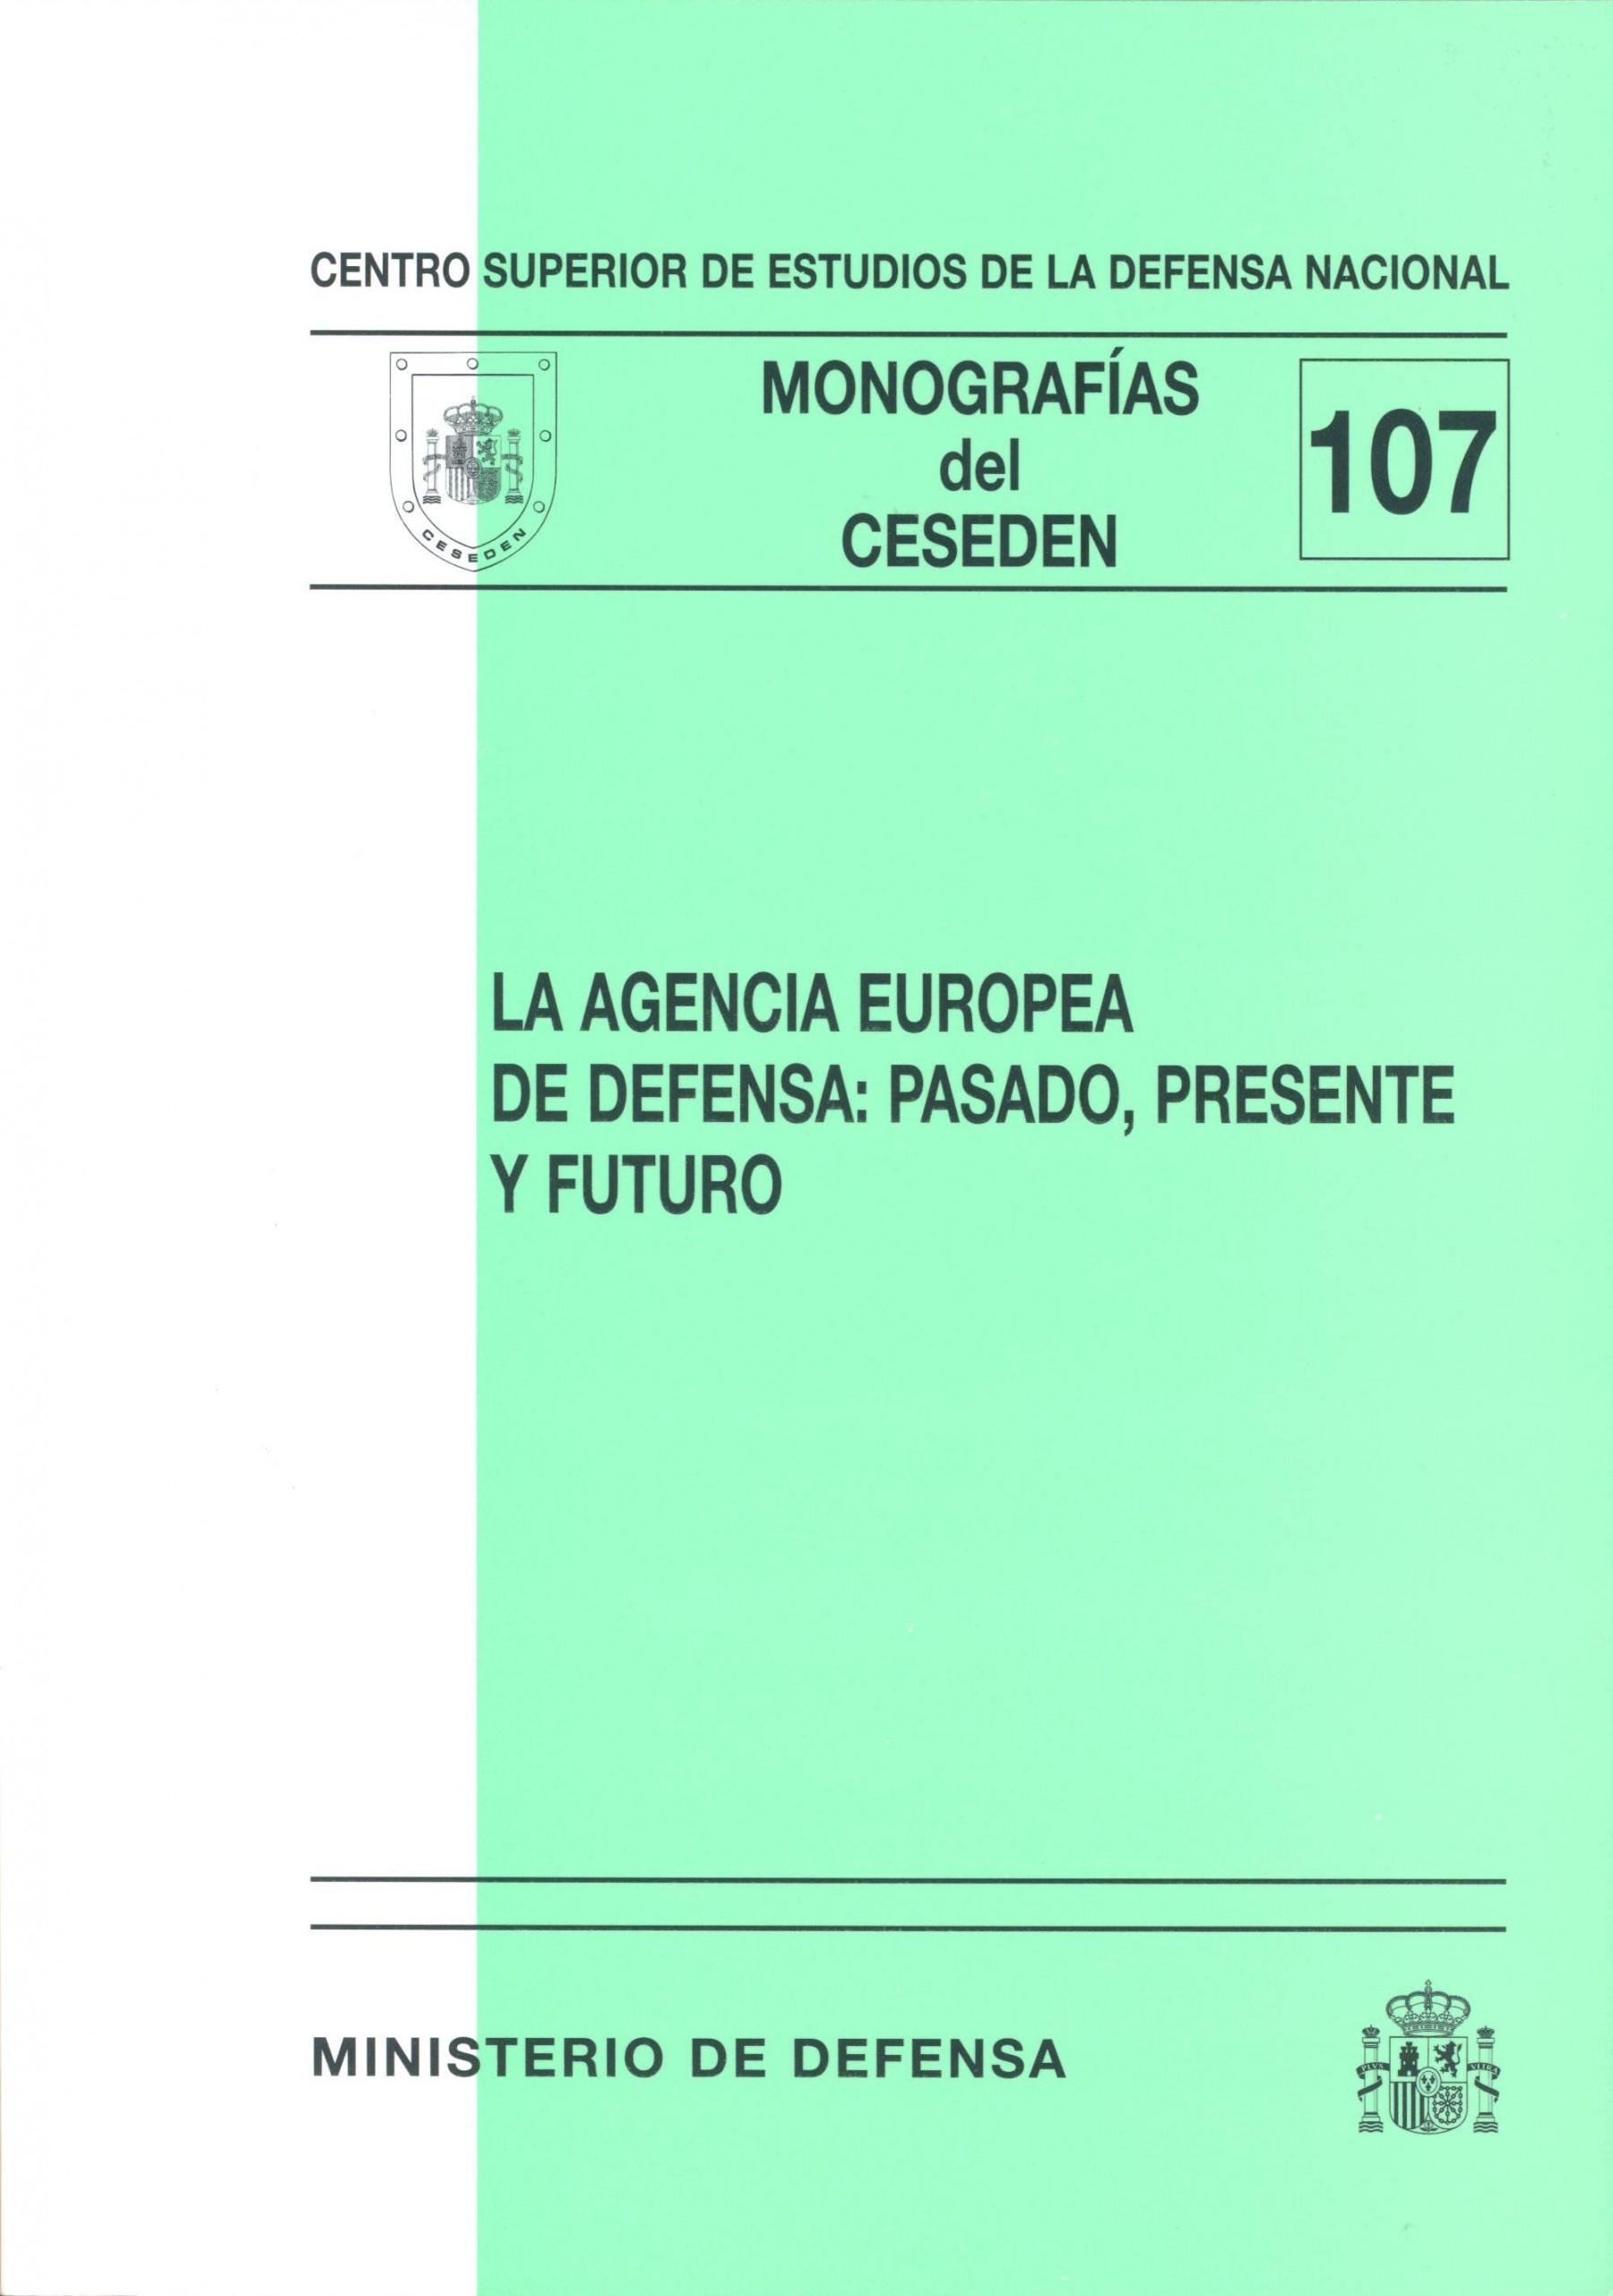 AGENCIA EUROPEA DE DEFENSA: PASADO, PRESENTE Y FUTURO, LA